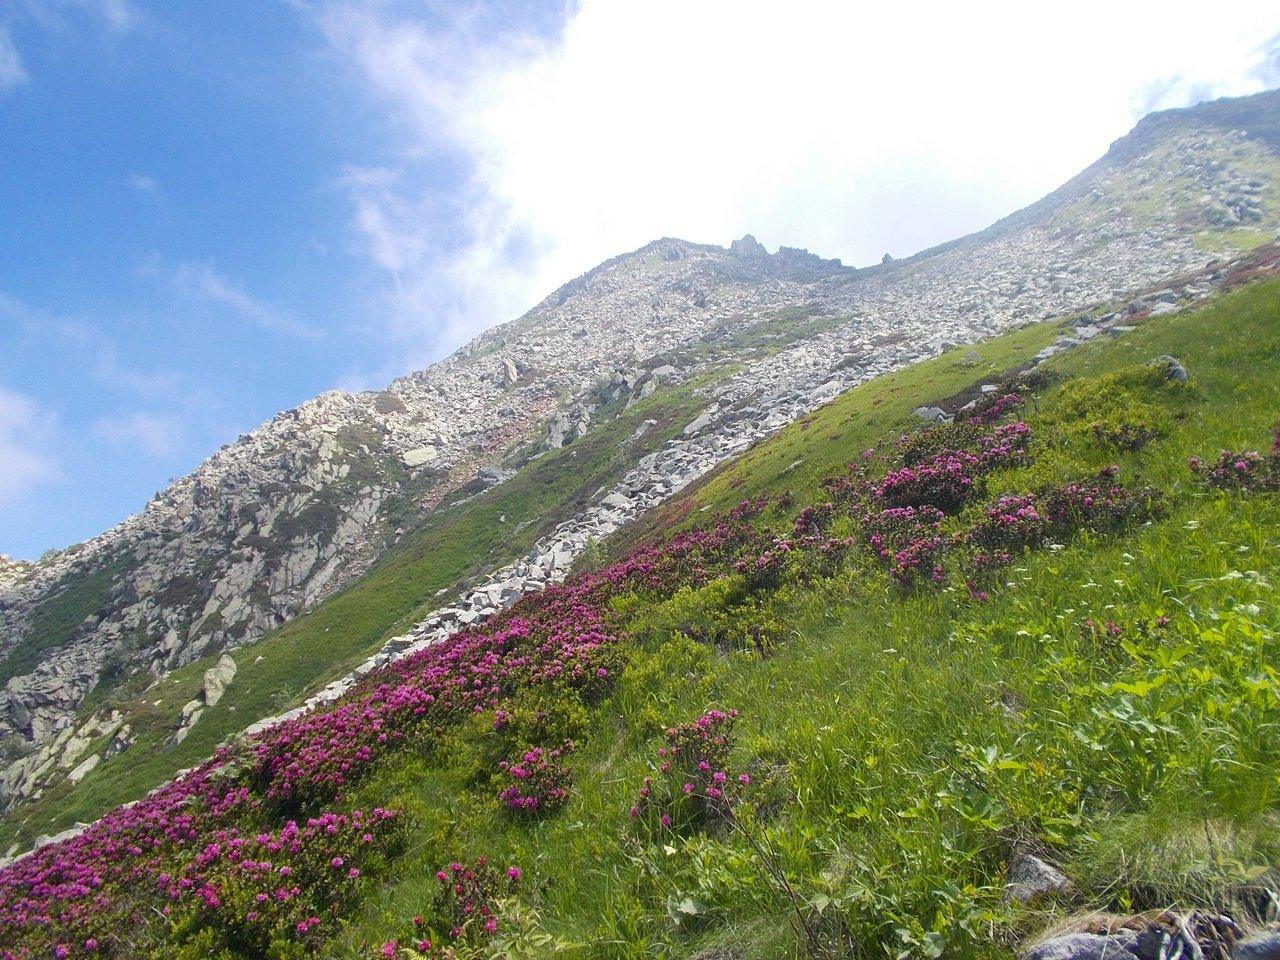 rododendri in fiore sul versante nord